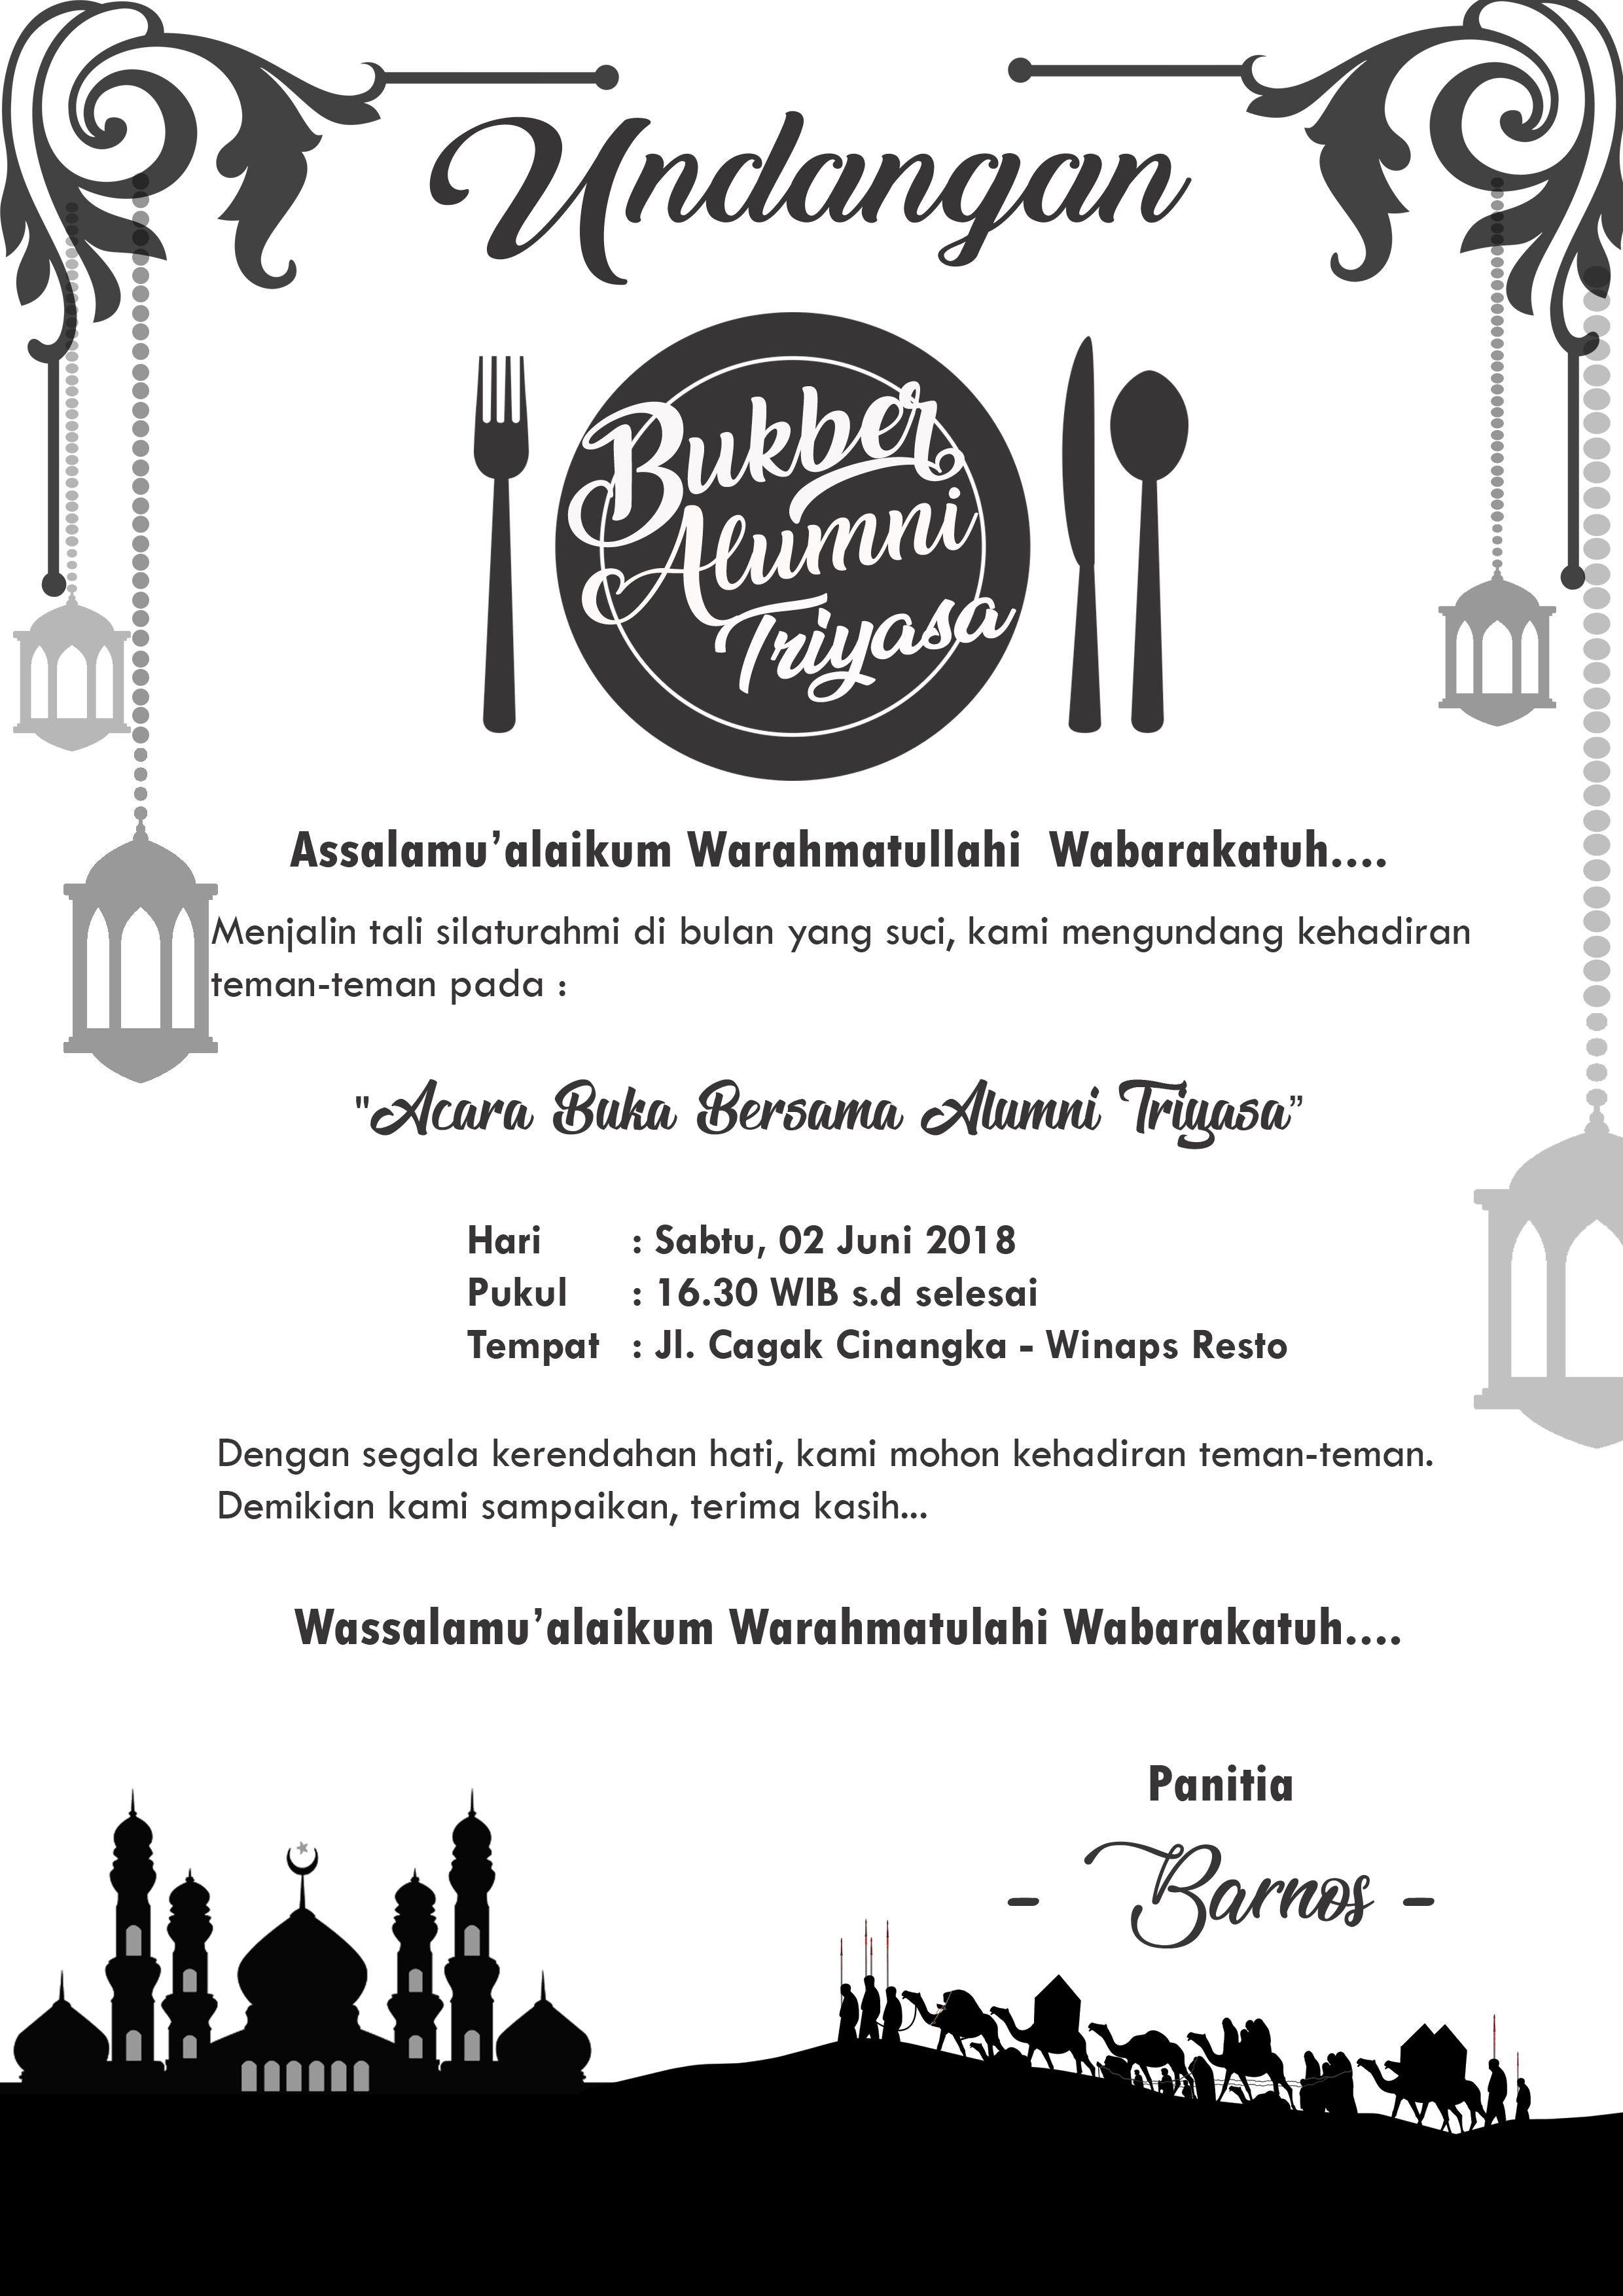 undangan bukber